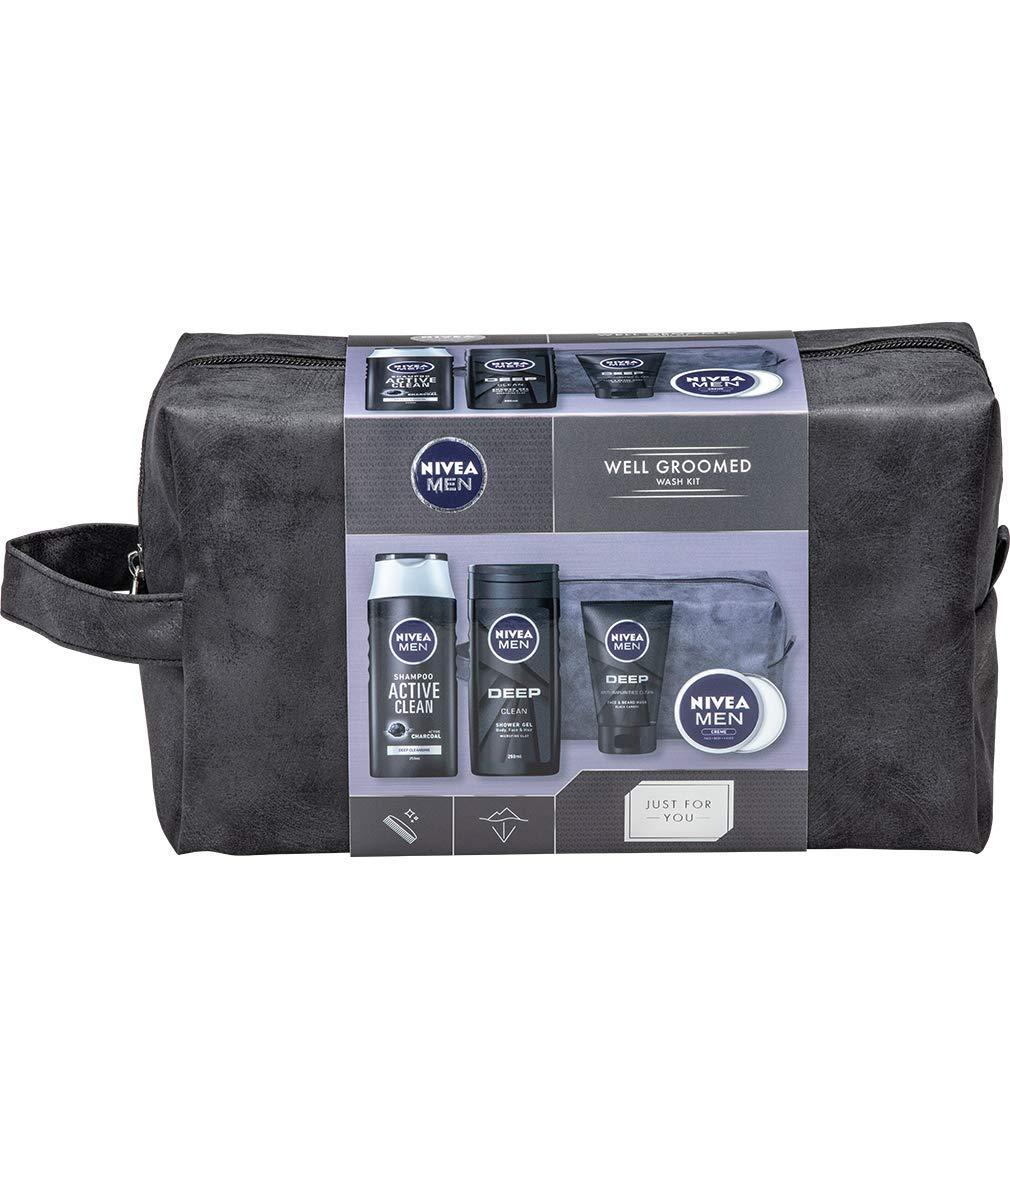 NIVEA MEN Well Groomed Gift Set for Him (5 Products), Men´s Grooming Kit & Washbag, Includes Shower Gel, Cleansing Men's…